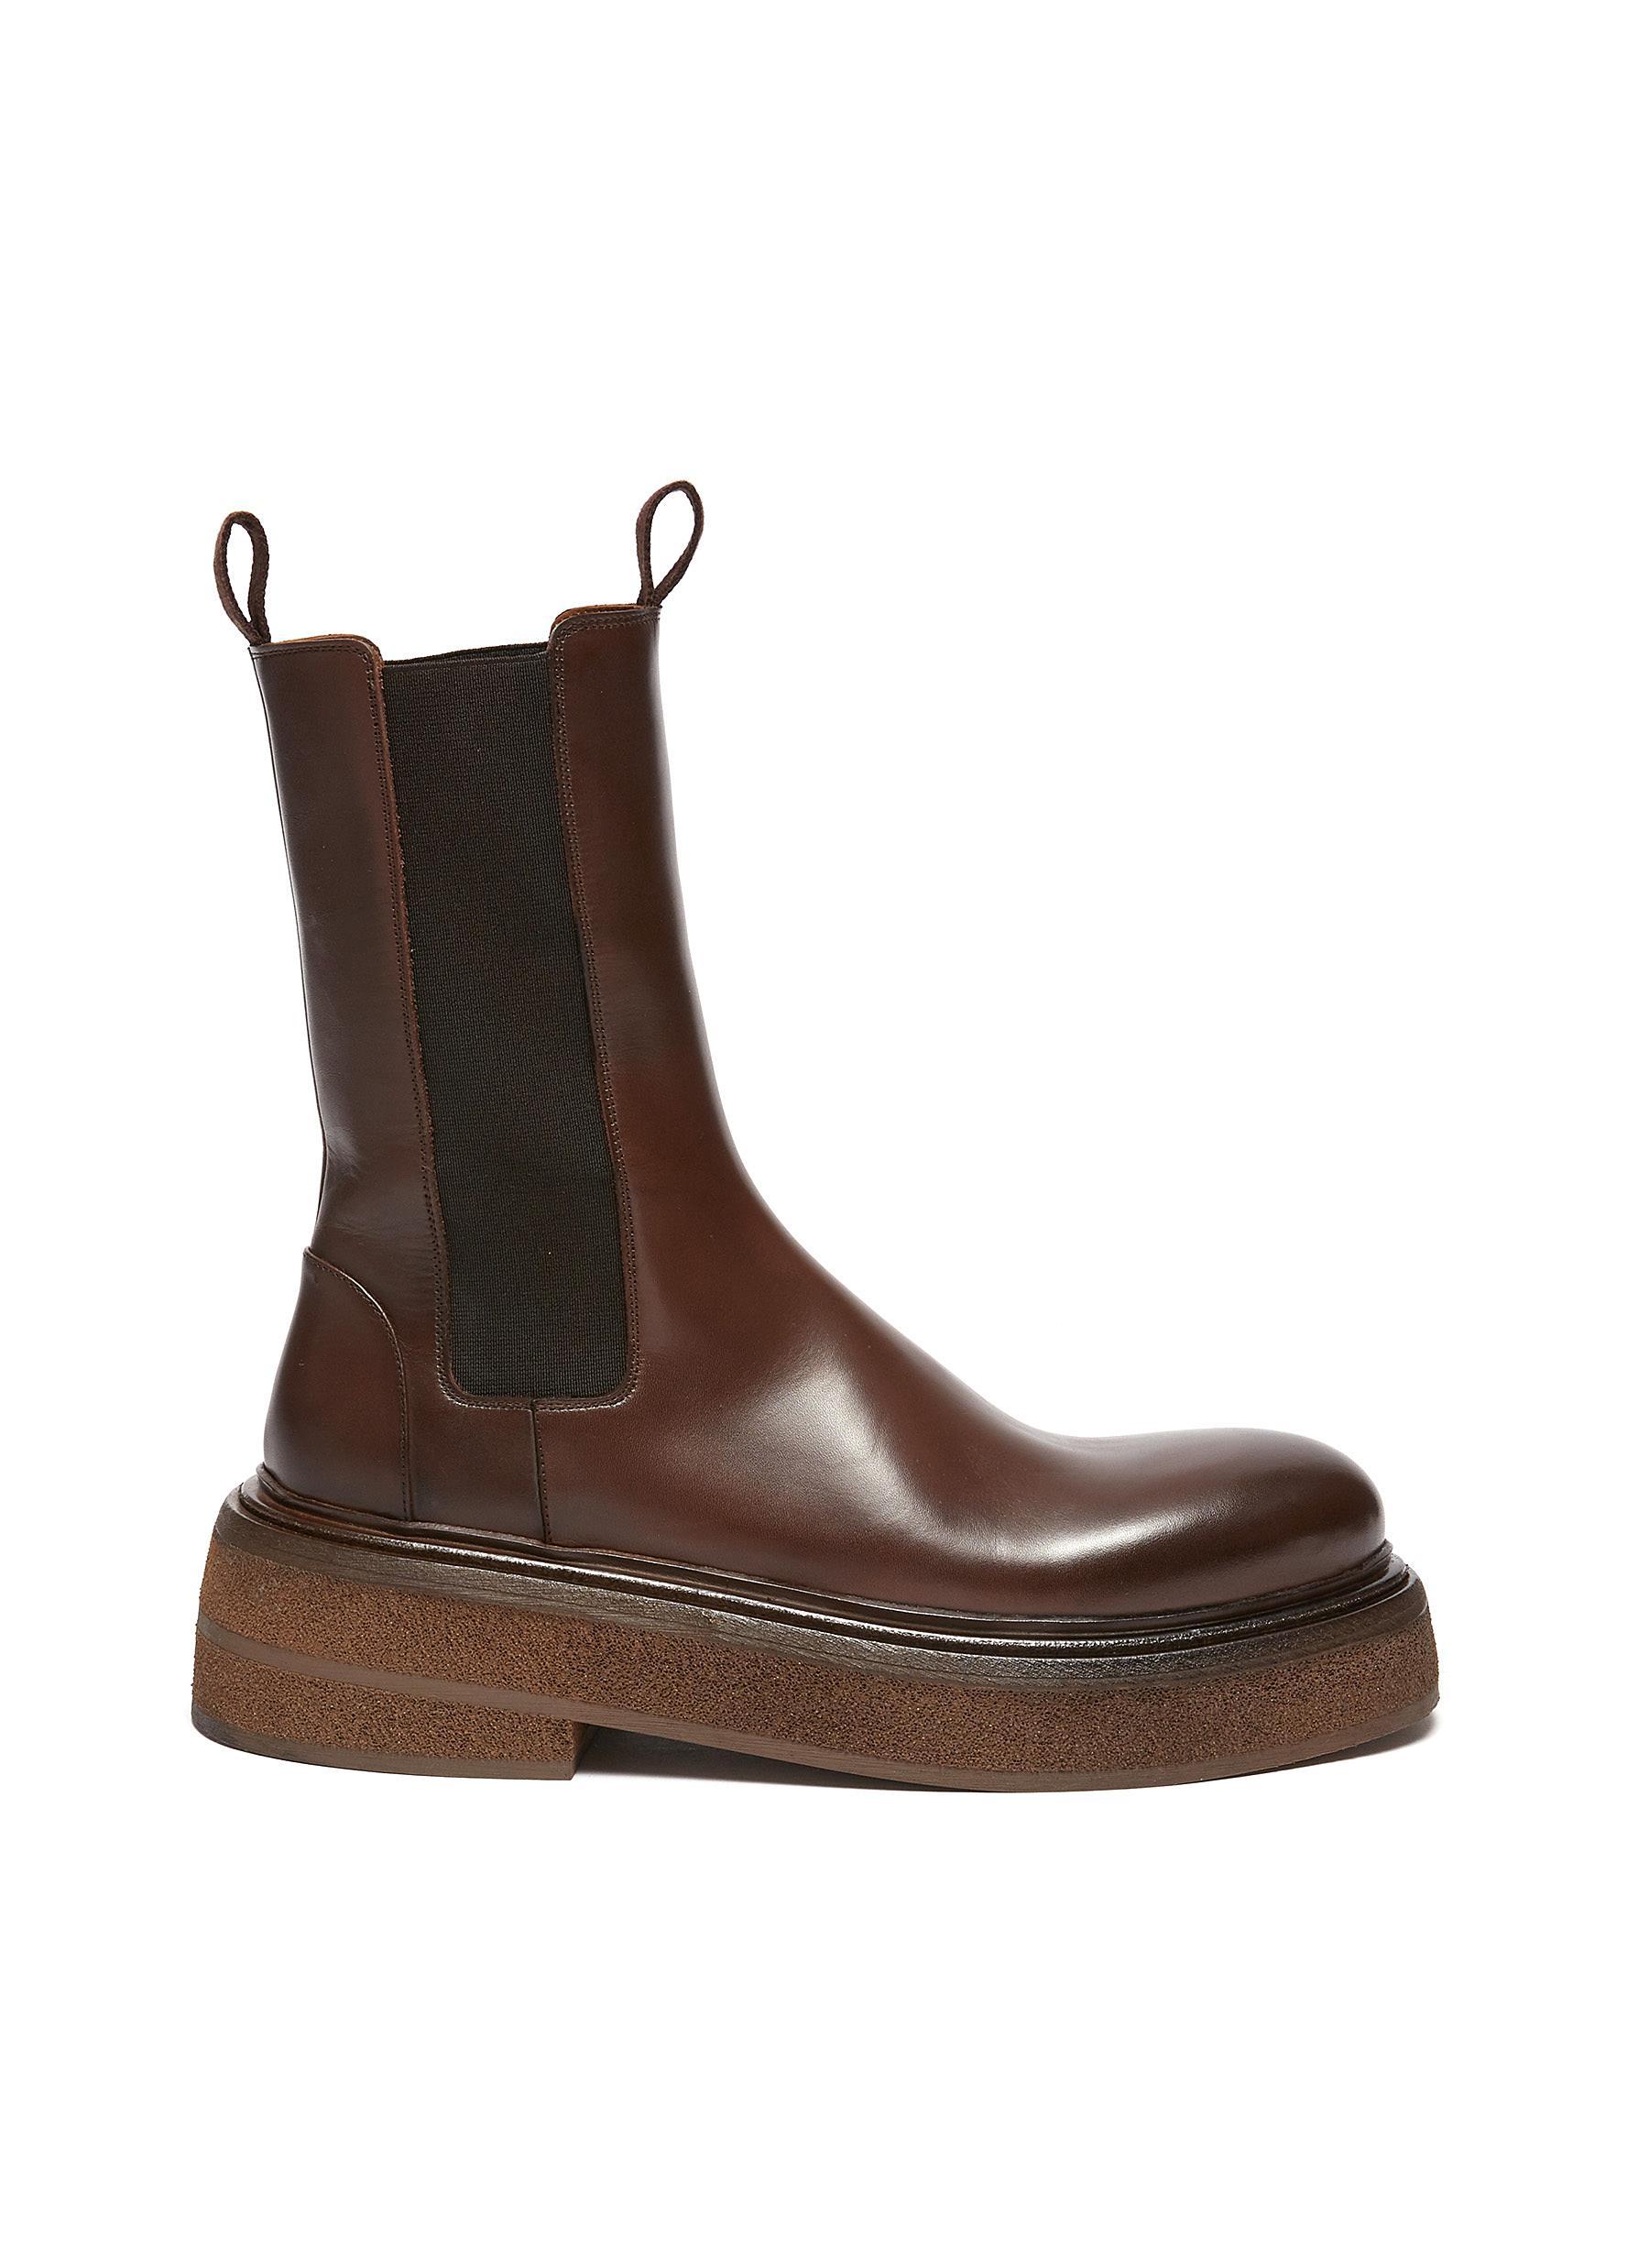 Zuccone Chelsea Boot - MARSÈLL - Modalova